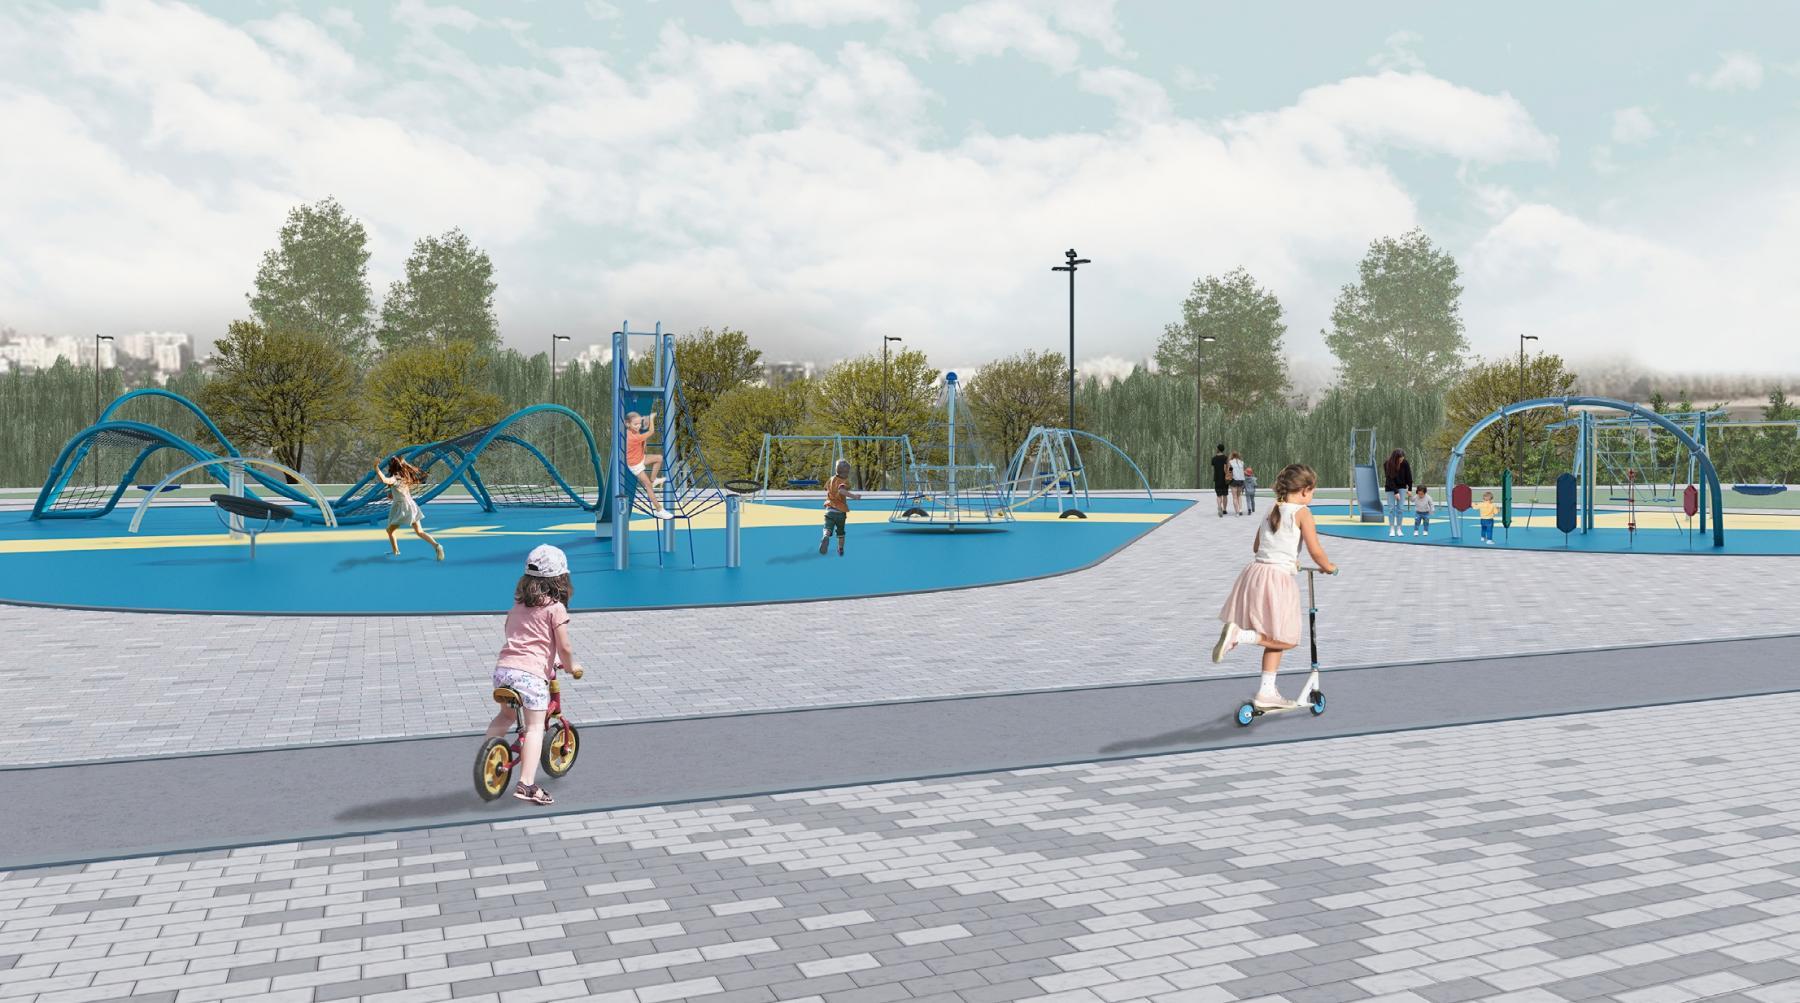 Фото Рядом с новой ледовой ареной в Новосибирске строят парк за 433 млн рублей: показываем, как он будет выглядеть 2